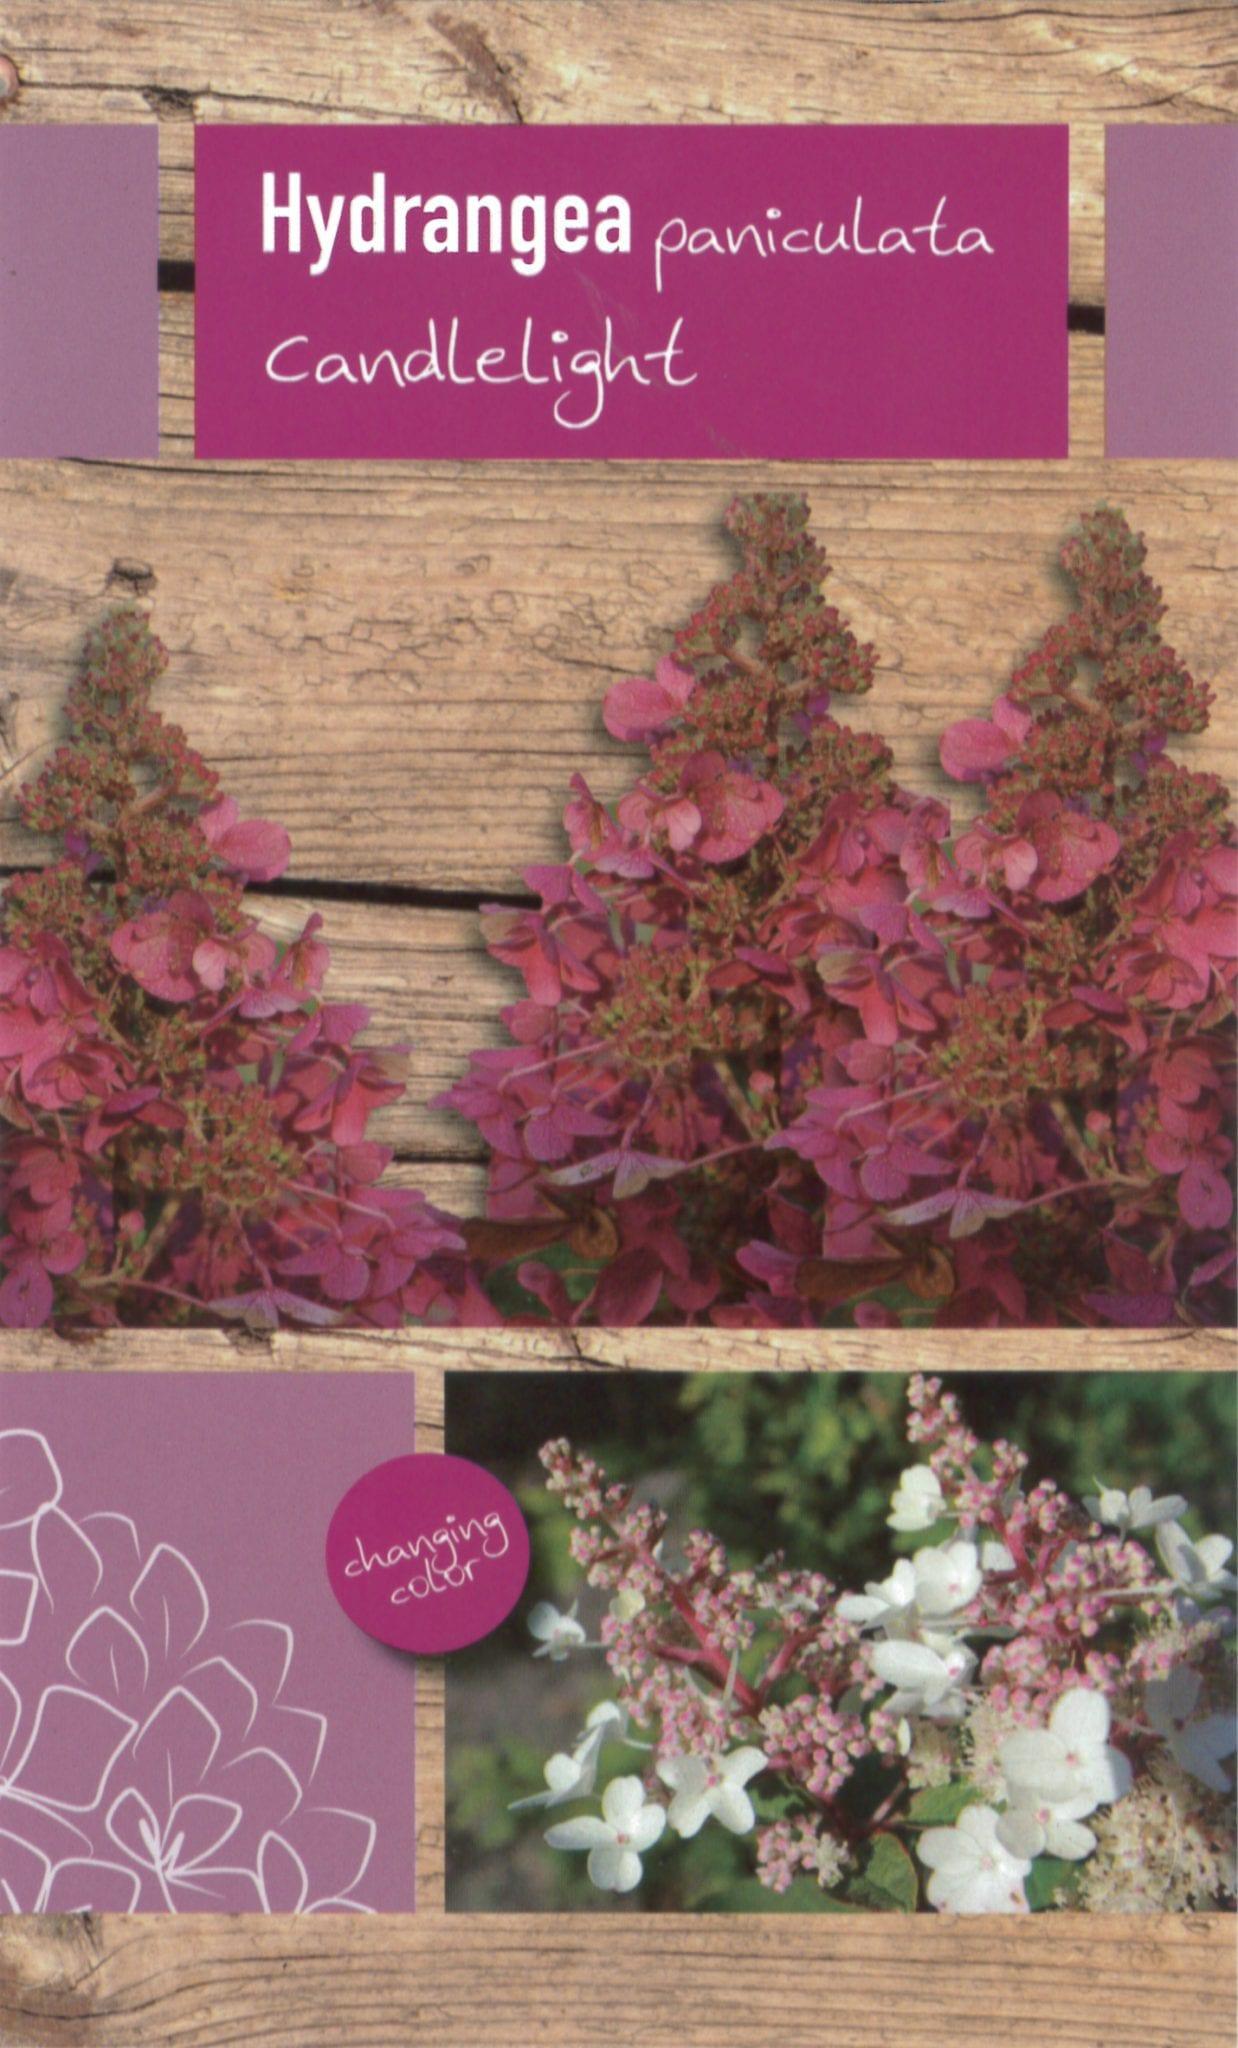 Hydrangea paniculata 'Candlelight' etiket voorzijde | Plants By Nature - gespecialiseerd in hydrangea